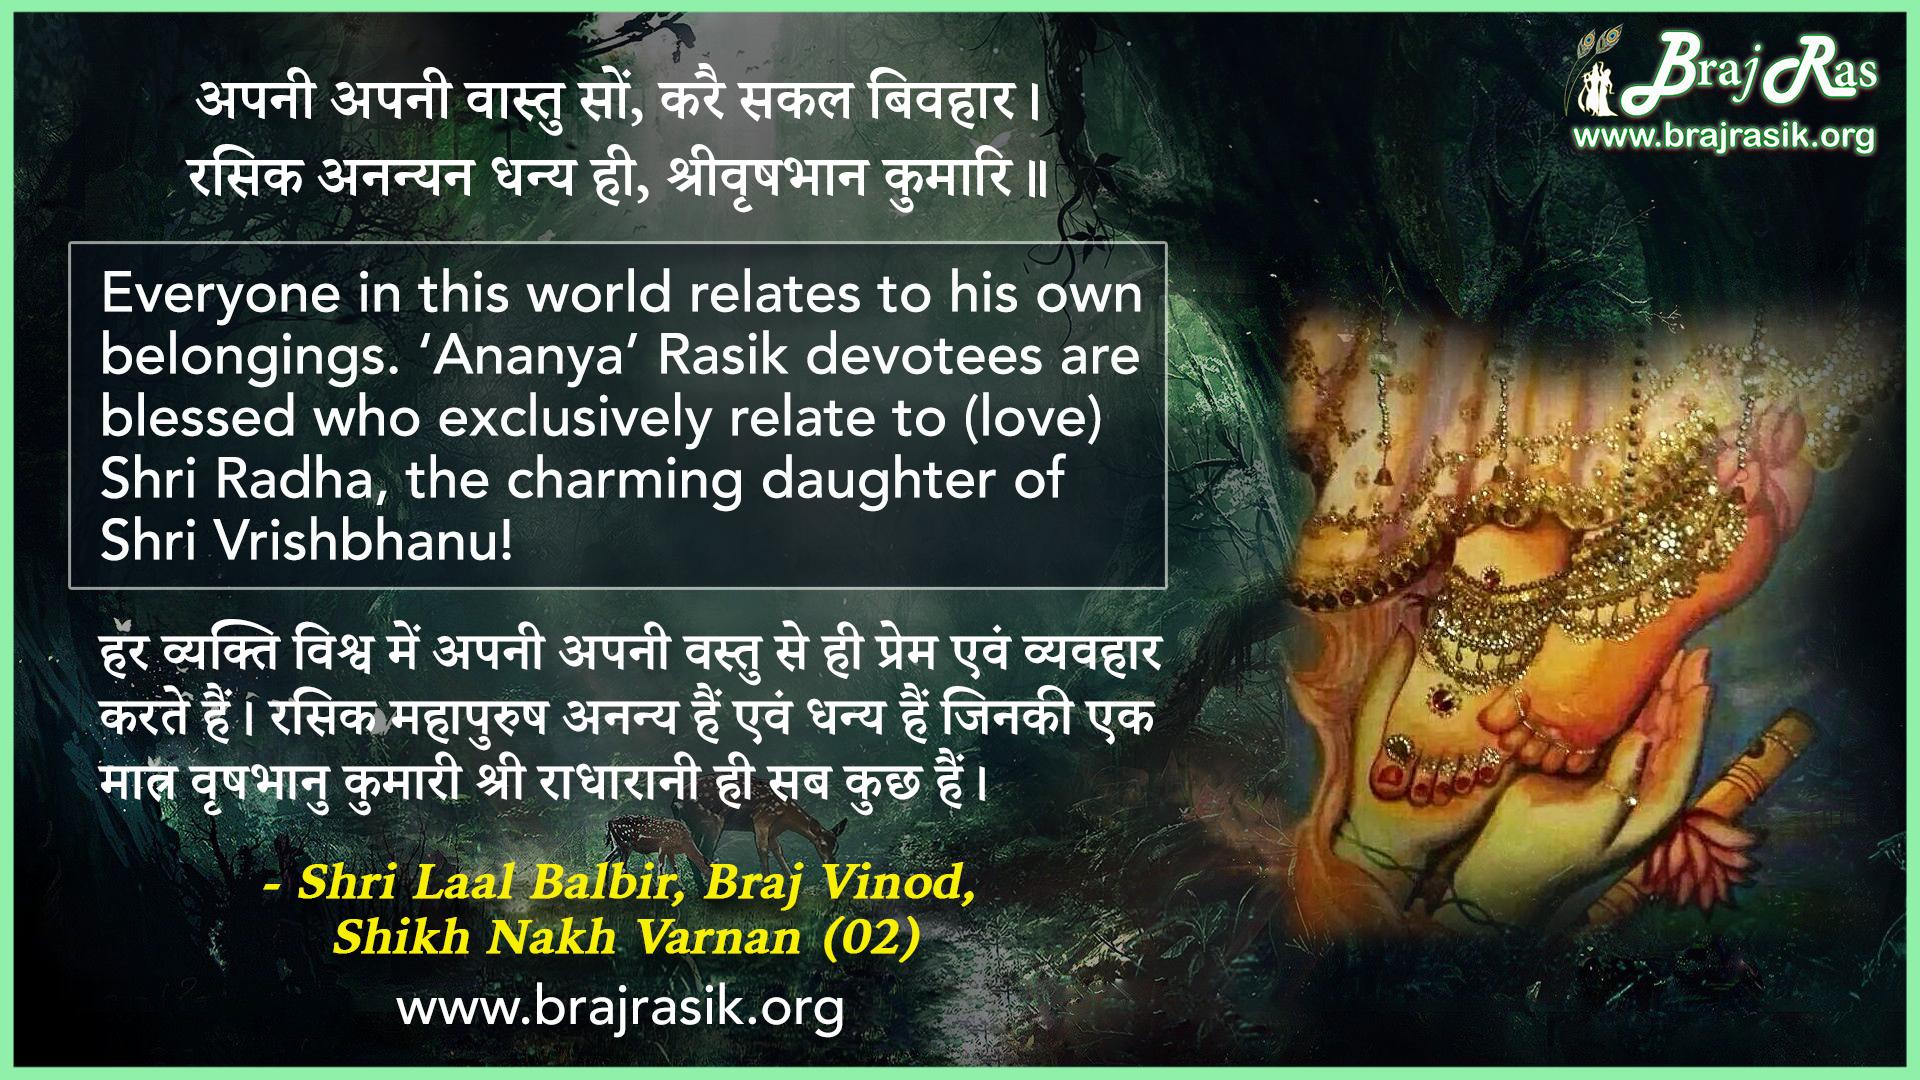 Apani Apani Vastu Son - Shri Laal Balbir, Braj Vinod, Shikh Nakh Varnan (02)